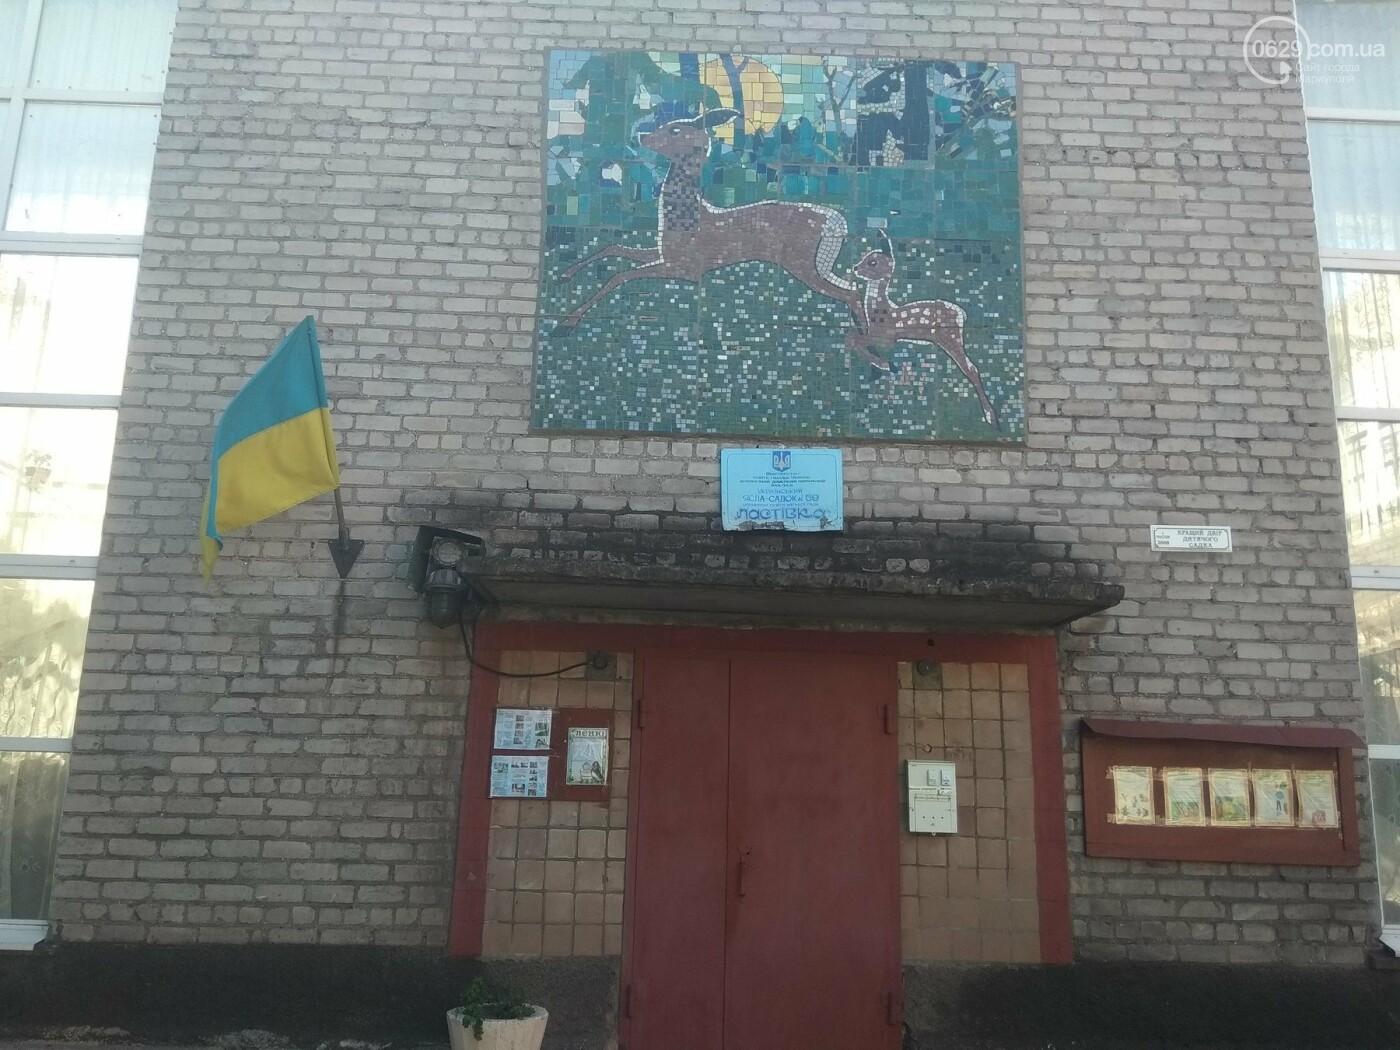 В мариупольском детском саду упала стена, - ФОТО, фото-1